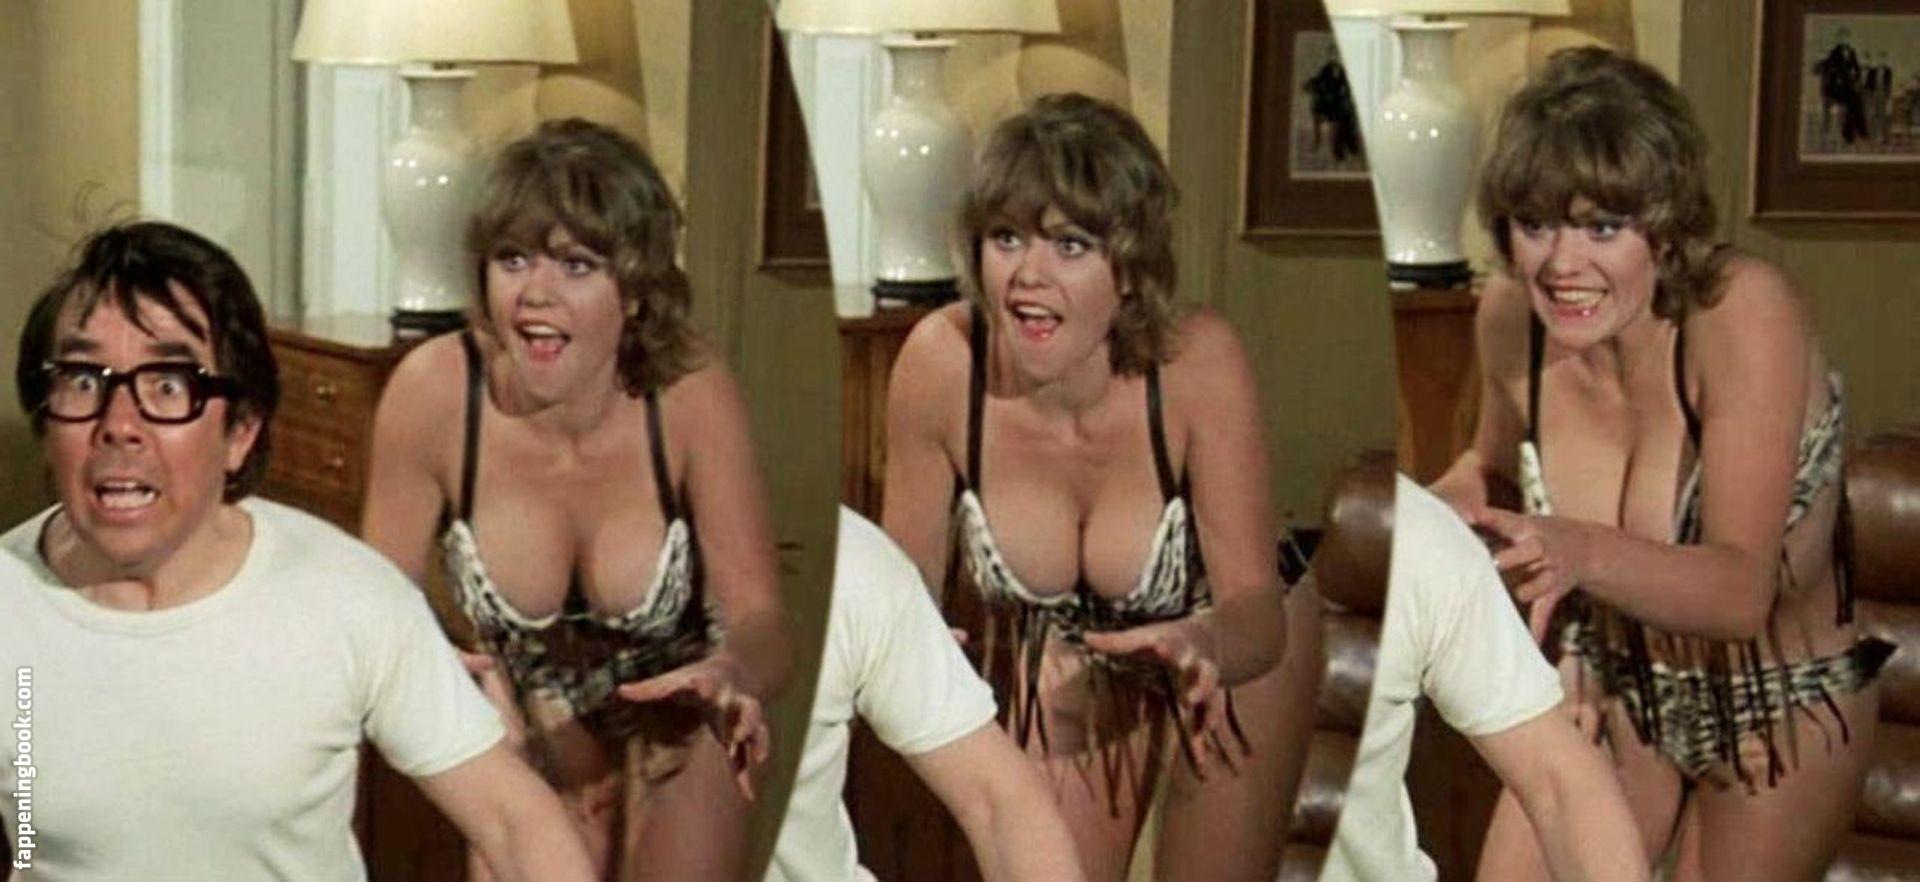 Nude margaret nolan Margaret Nolan